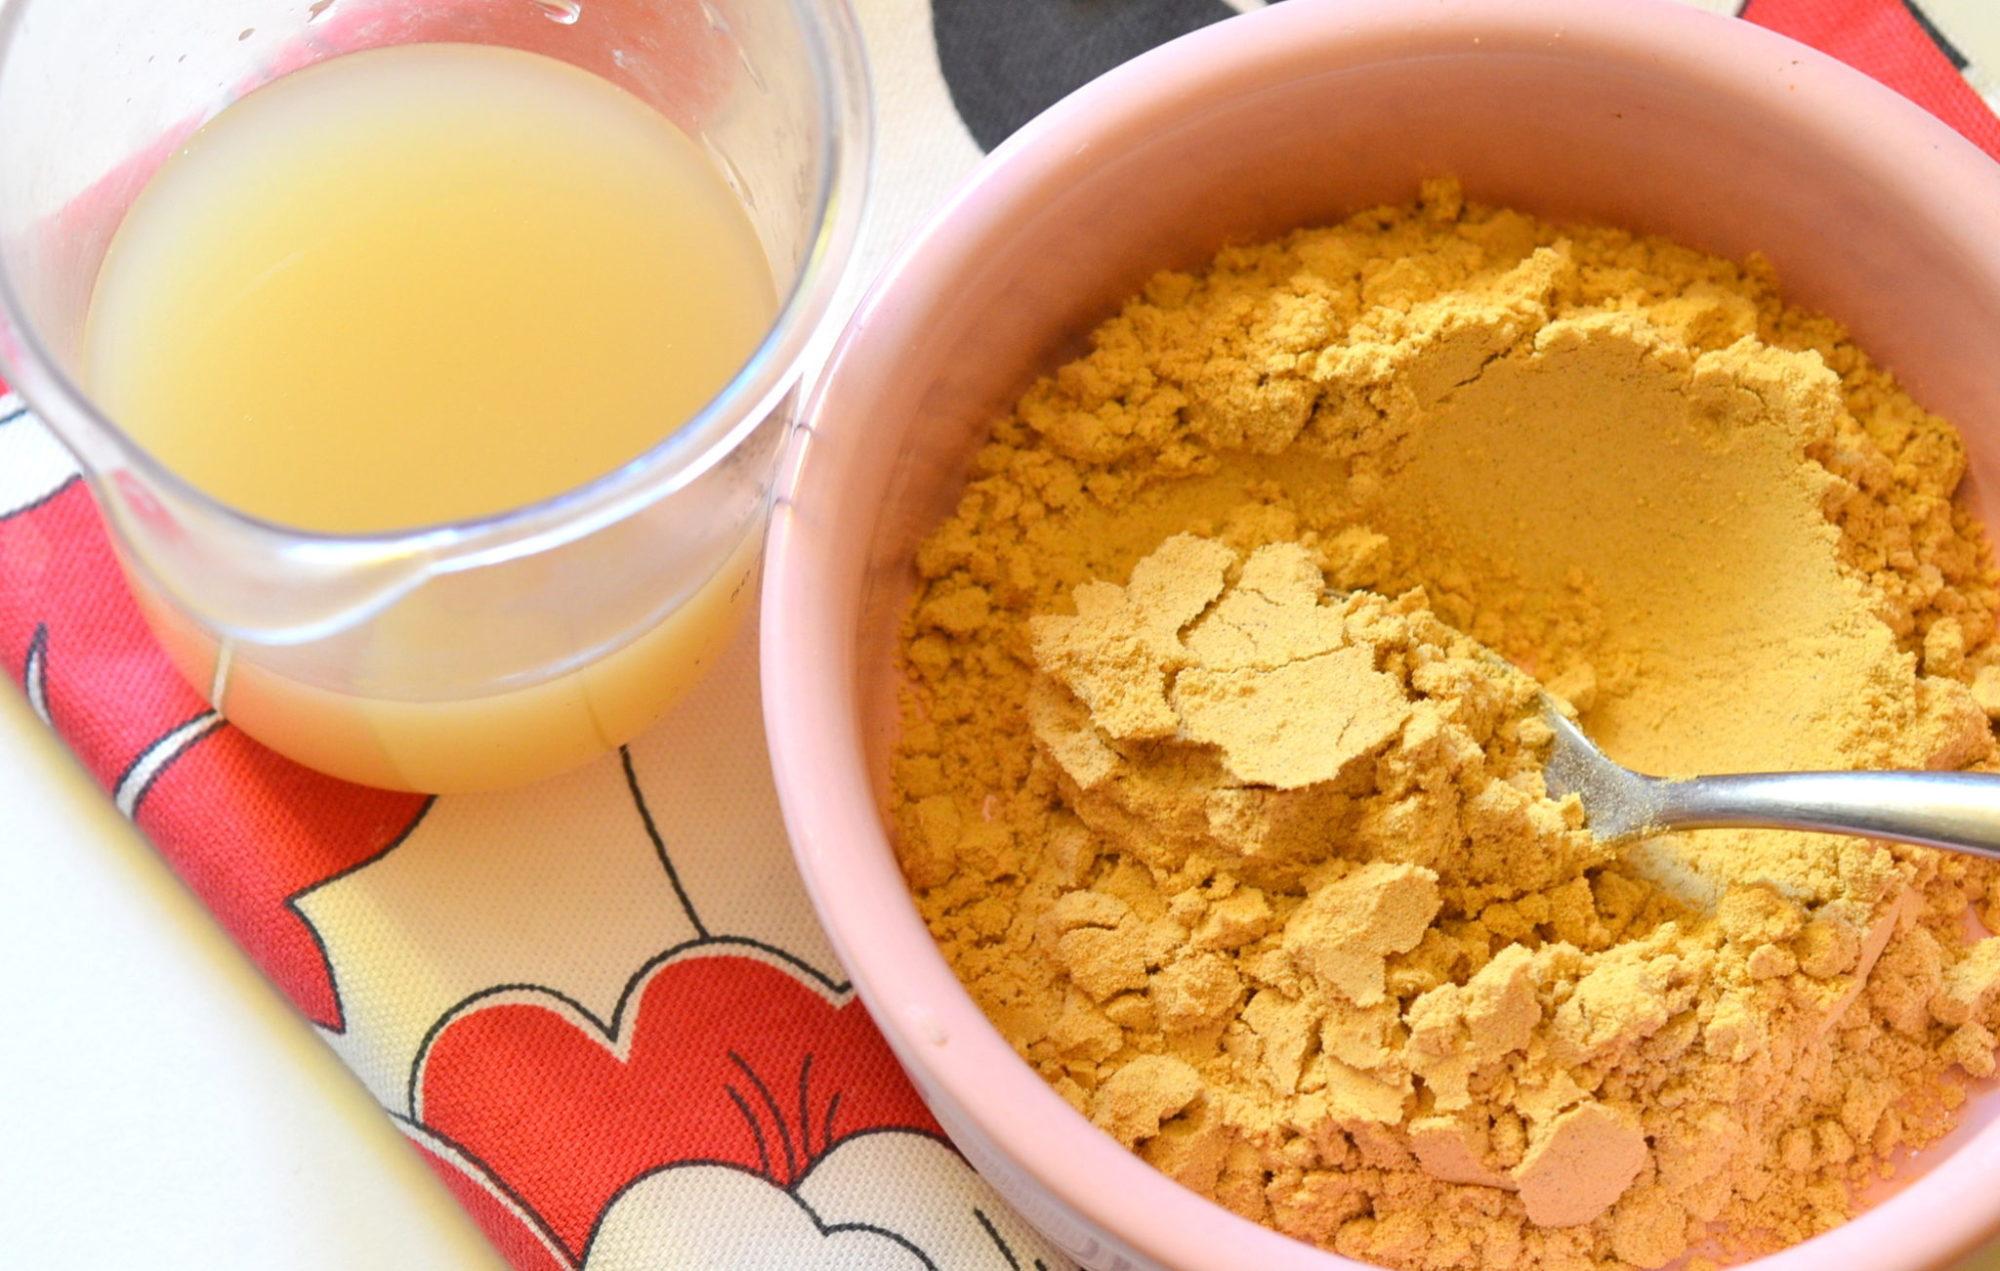 Стирка кухонных полотенец с горчицей — это отбеливание и дезинфекция